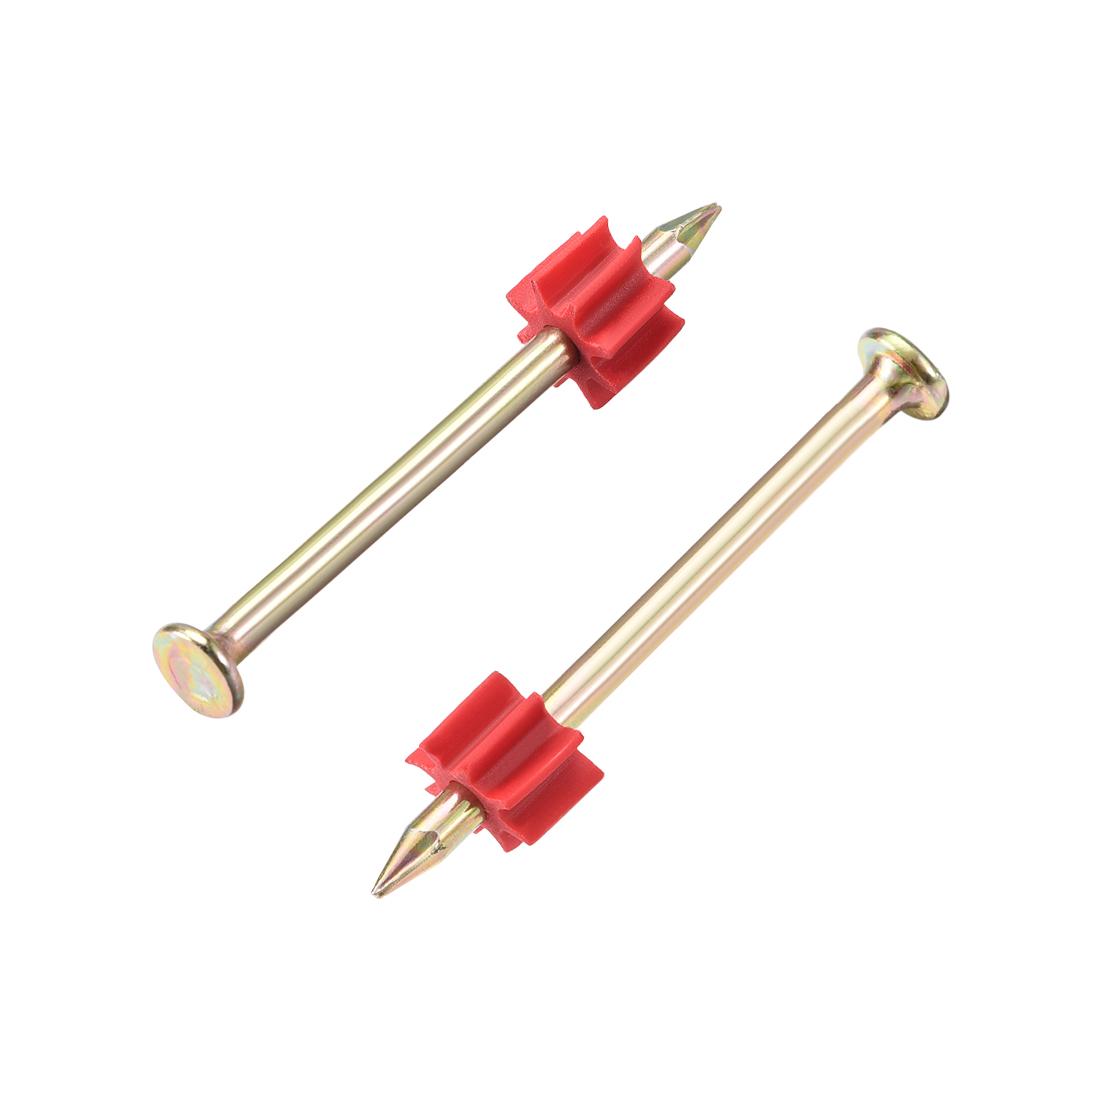 Powder Fastening System Fastener Nail Kit Washer Drive Pins 40mmx3mm 100pcs